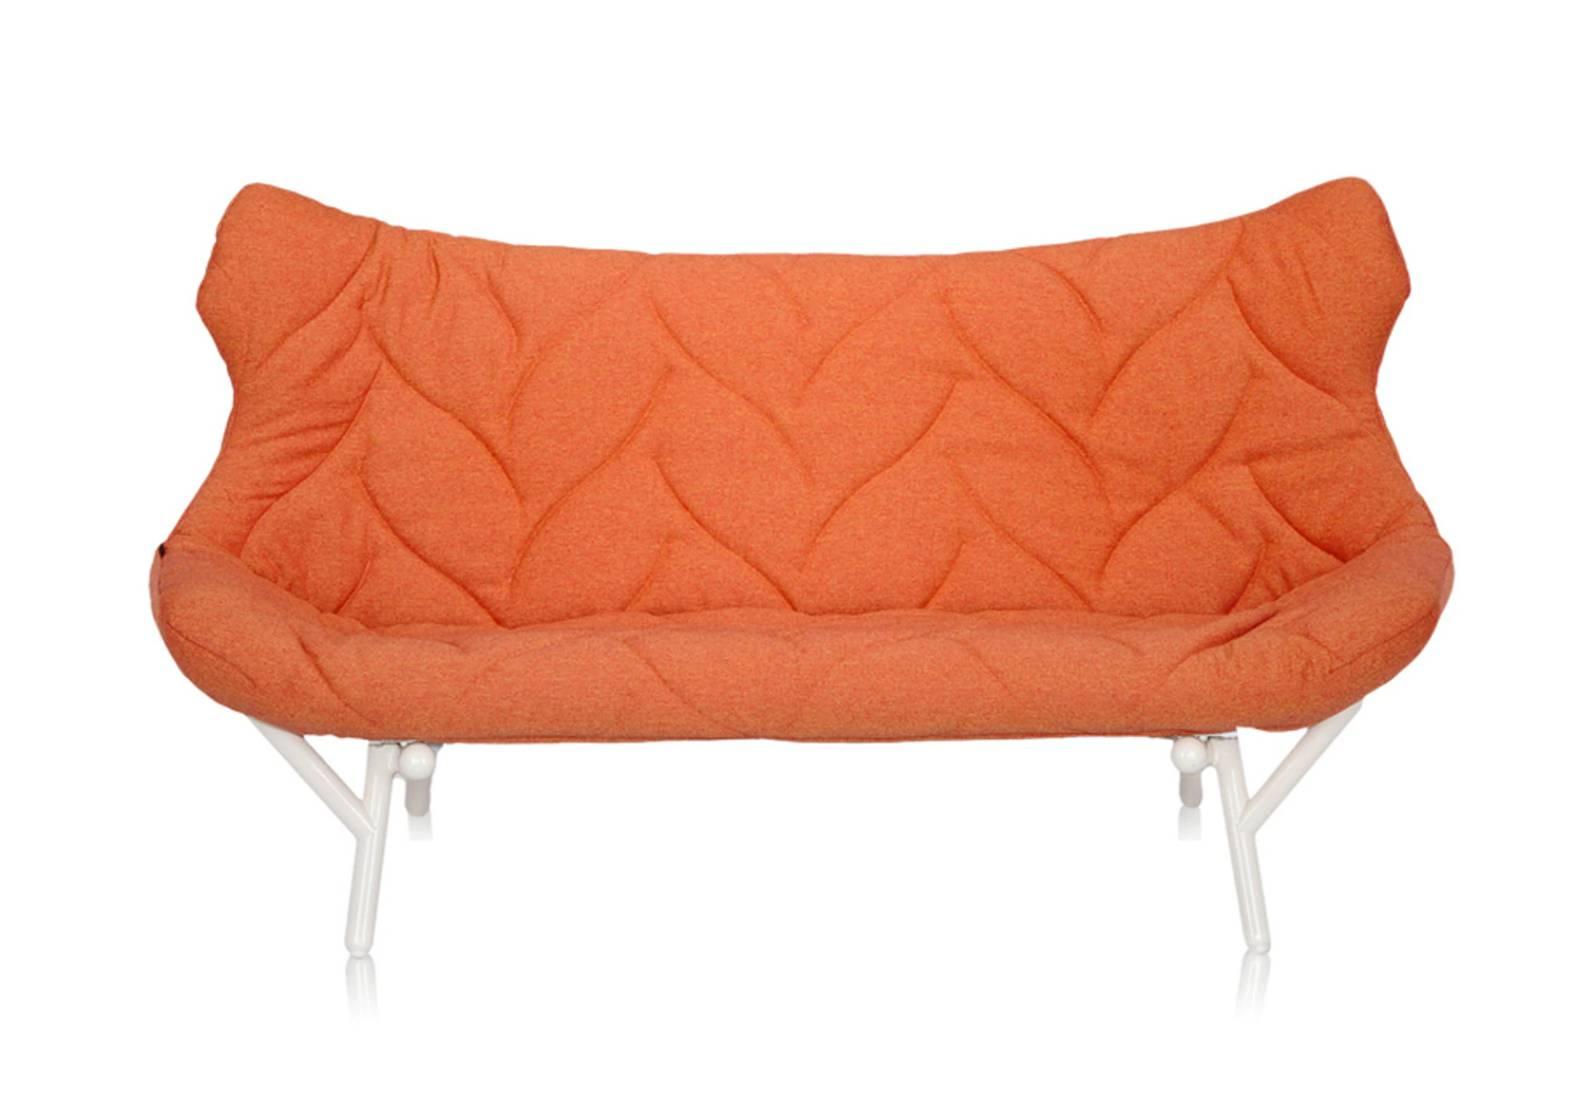 Foliage Sofa, orange